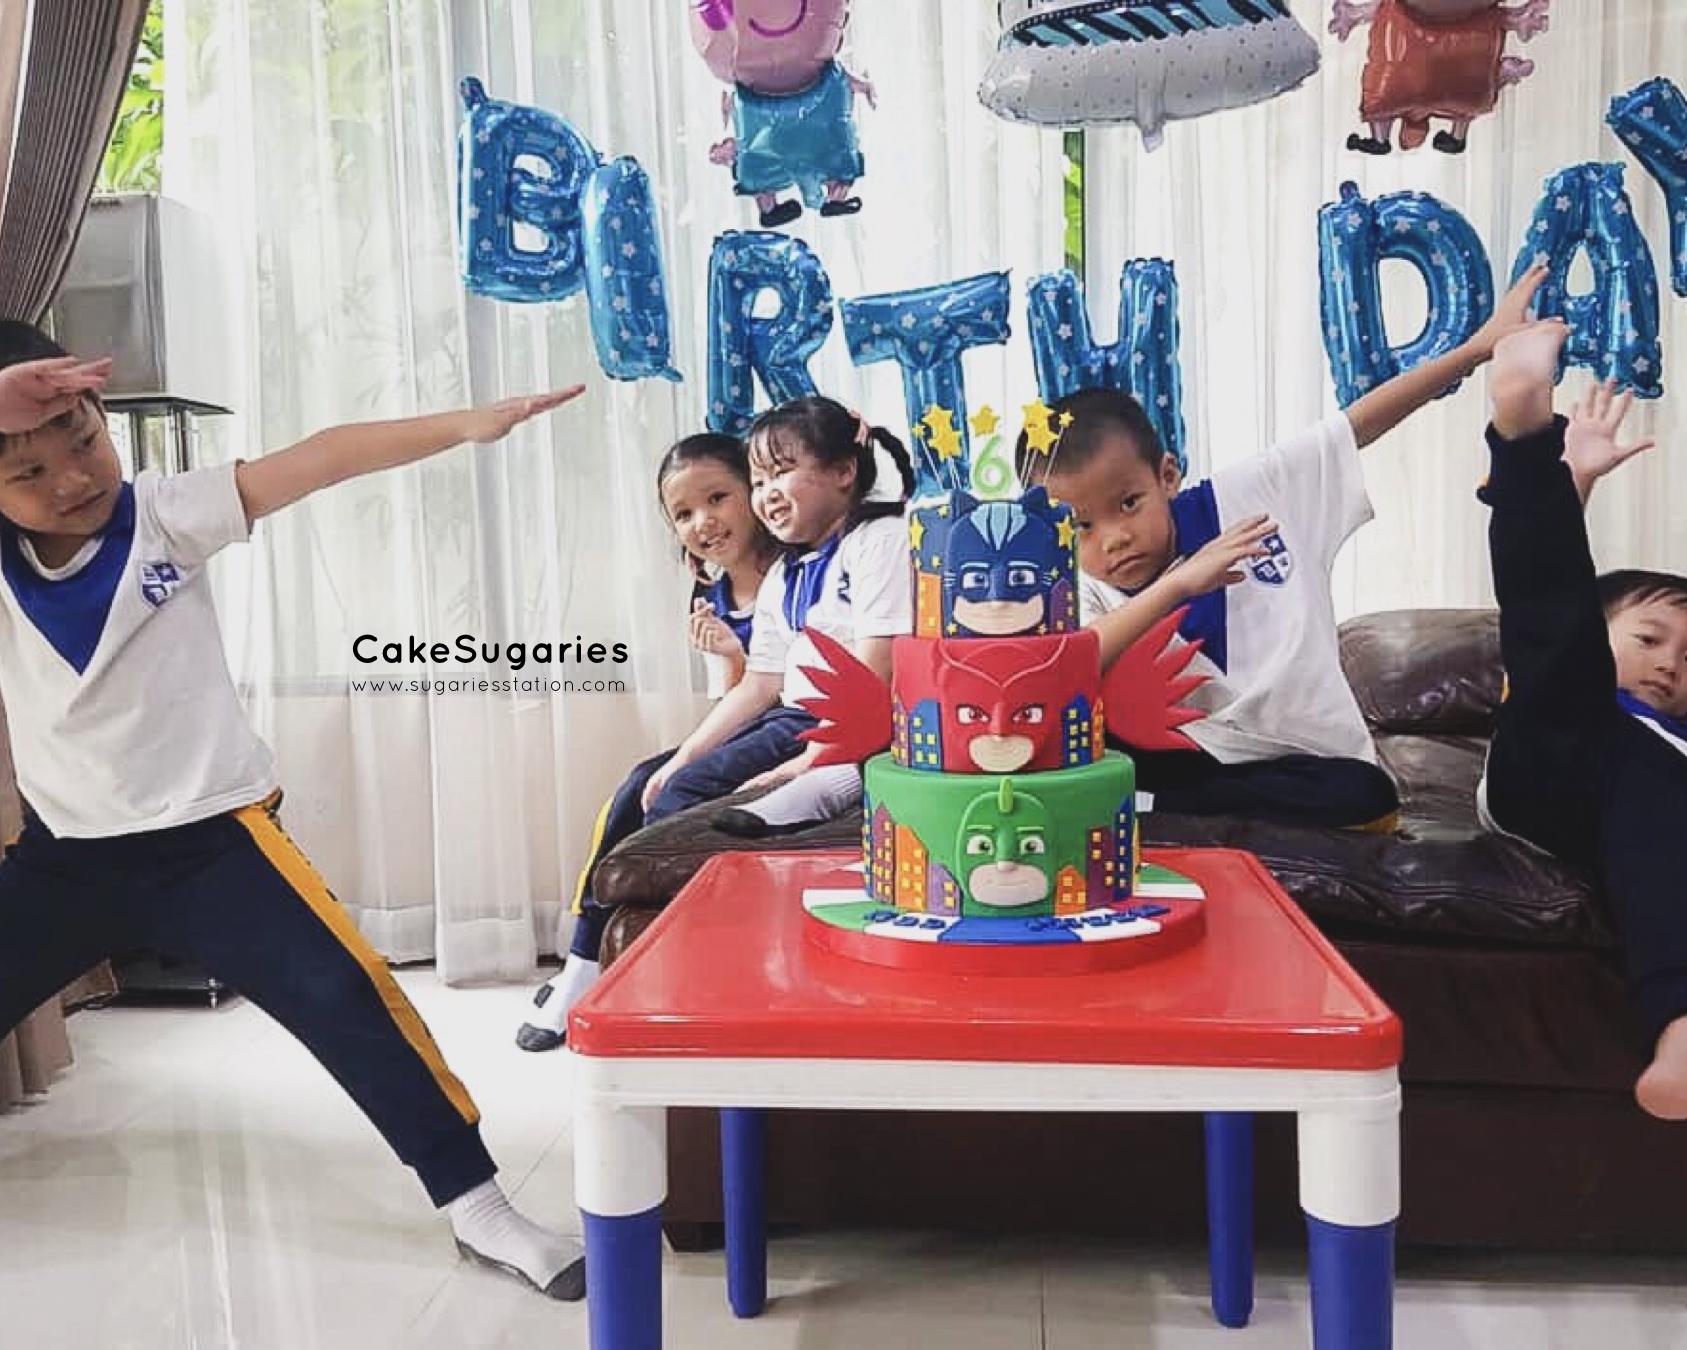 รีวิวเค้กในงานวันเกิด ไอเดียเค้กวันเกิด